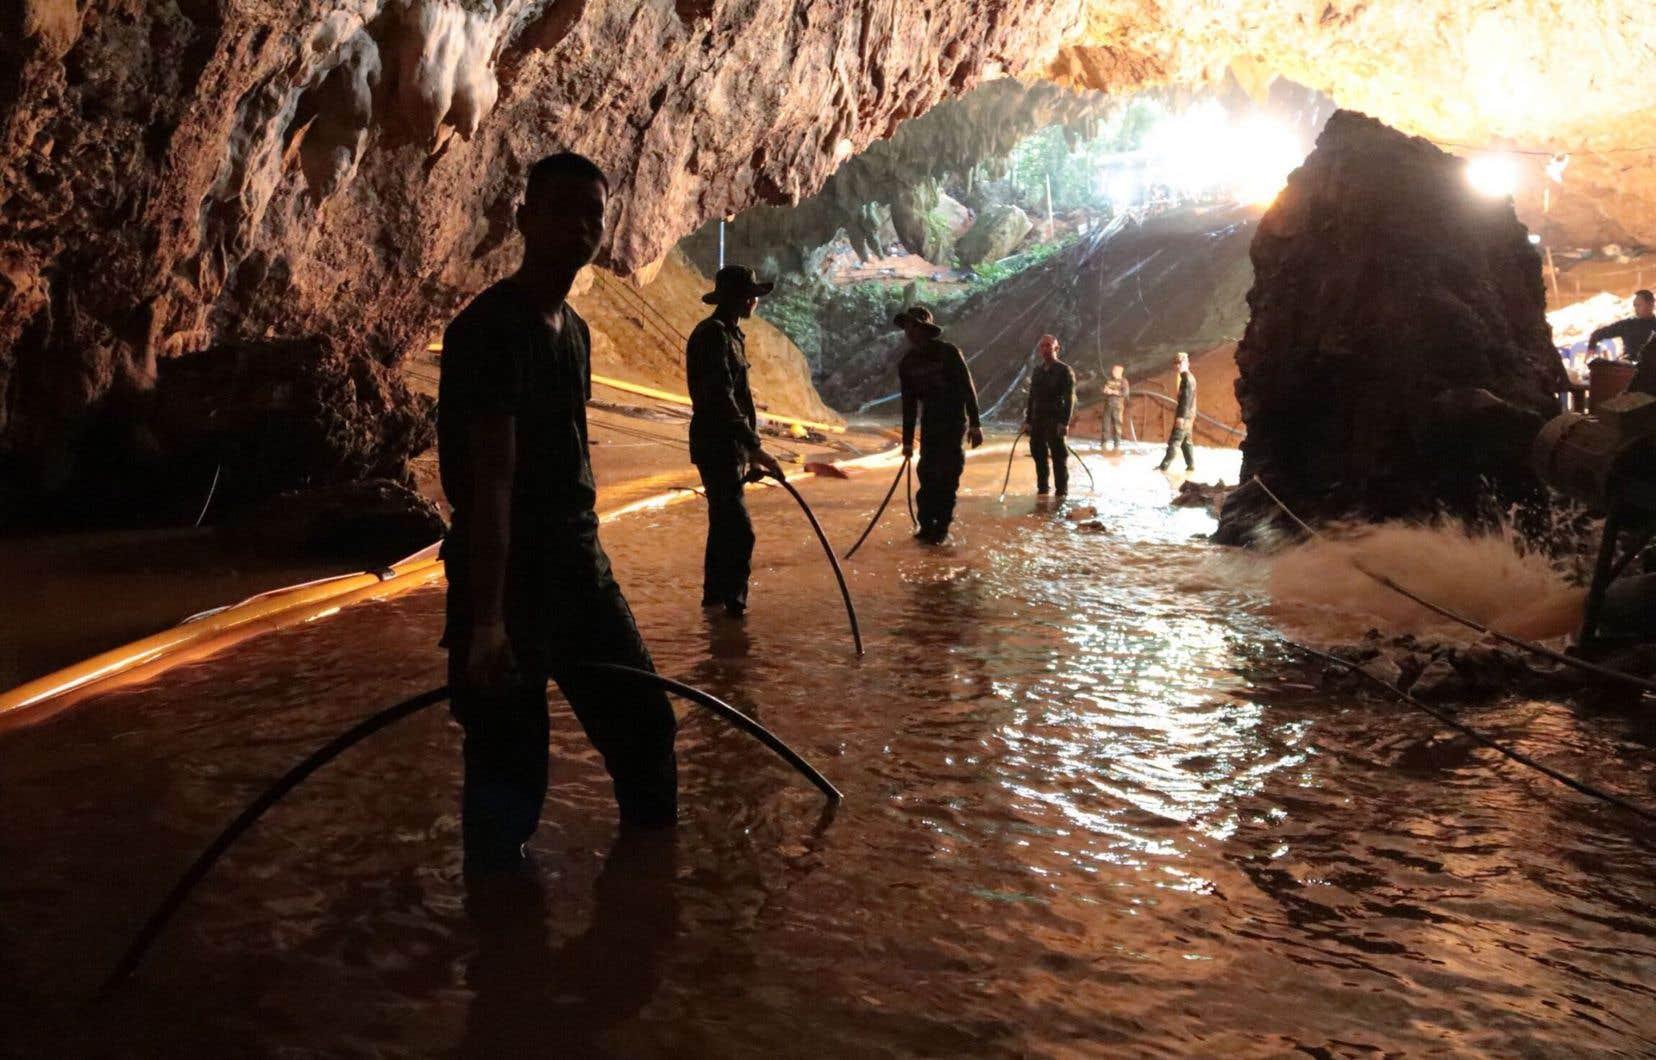 La grotte inondée dans laquelle les jeunes ont passé deux semaines.